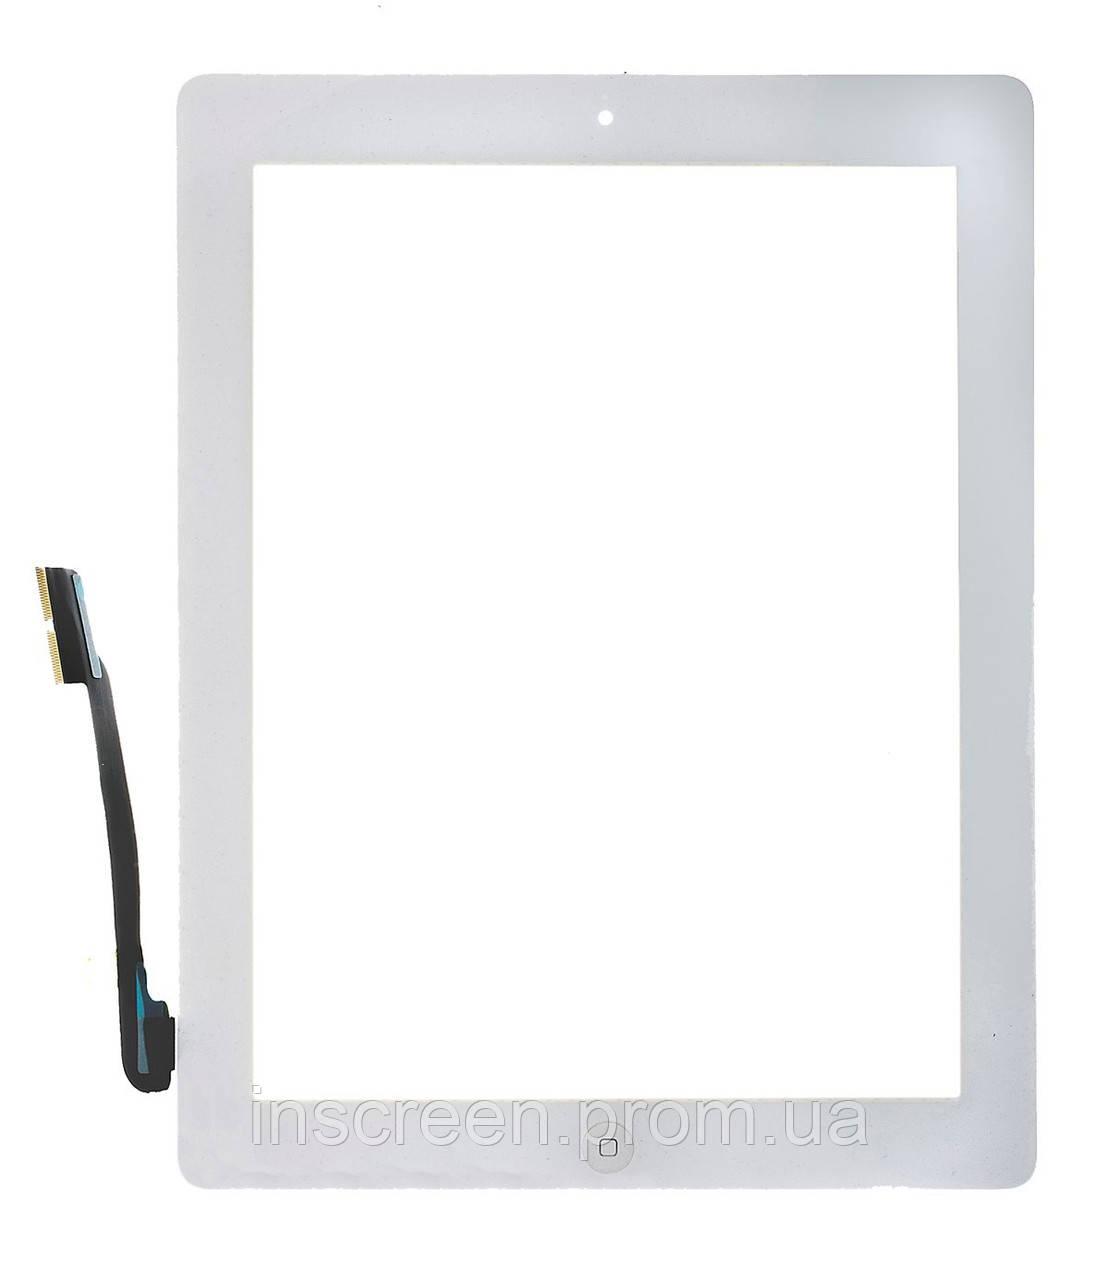 Тачскрин (сенсор) Apple iPad 4 A1458, A1459, A1460 белый, полный комплект, копия высокого качества